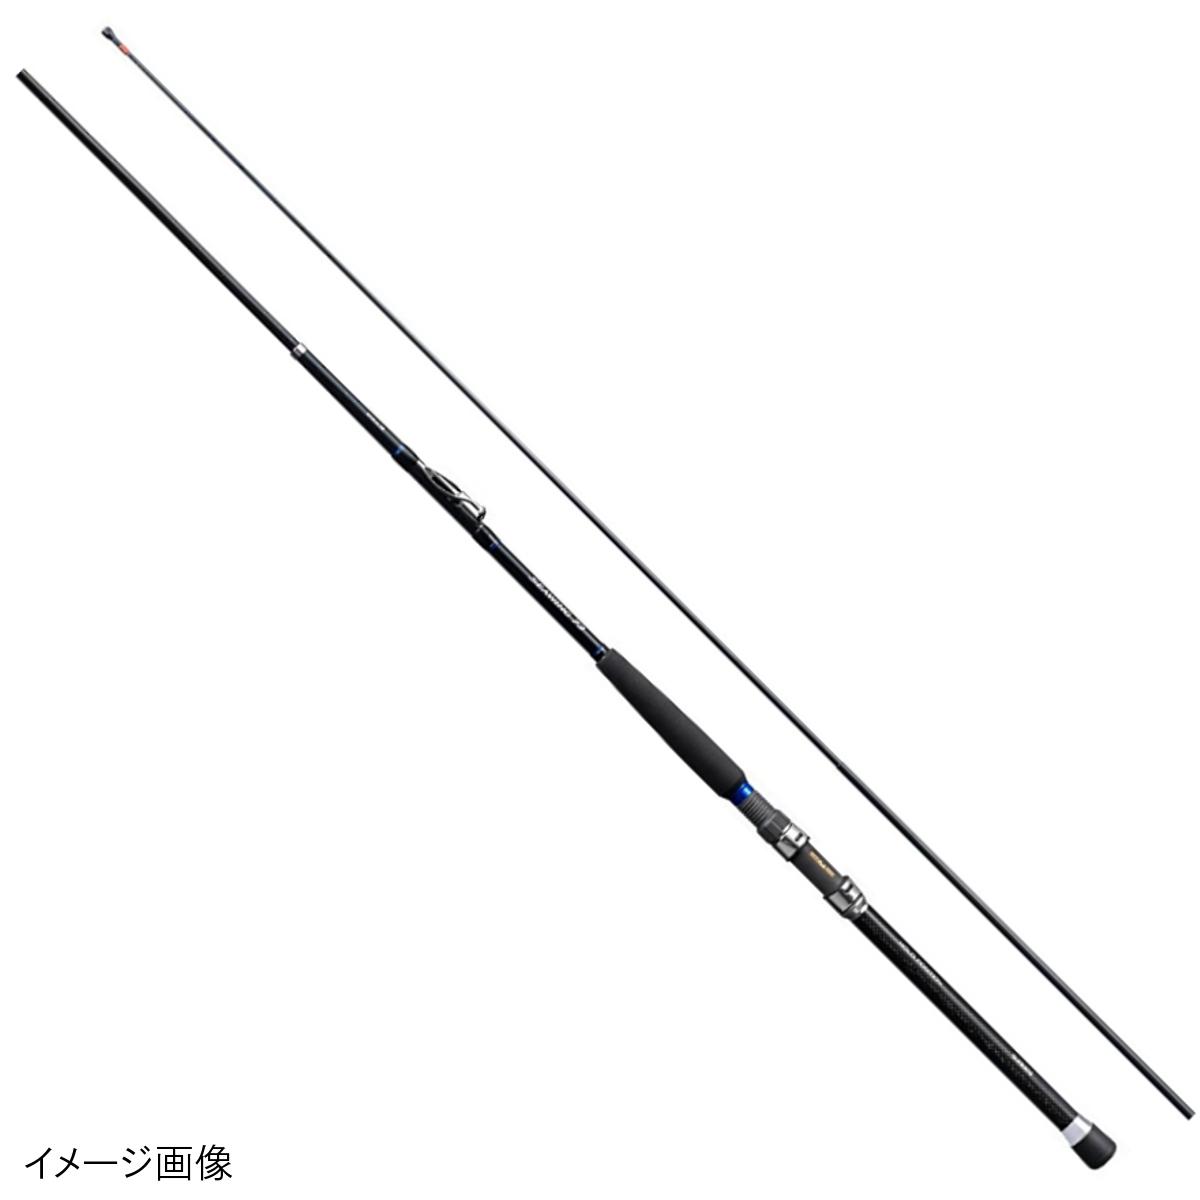 シーウイング73 50-270T シマノ【同梱不可】